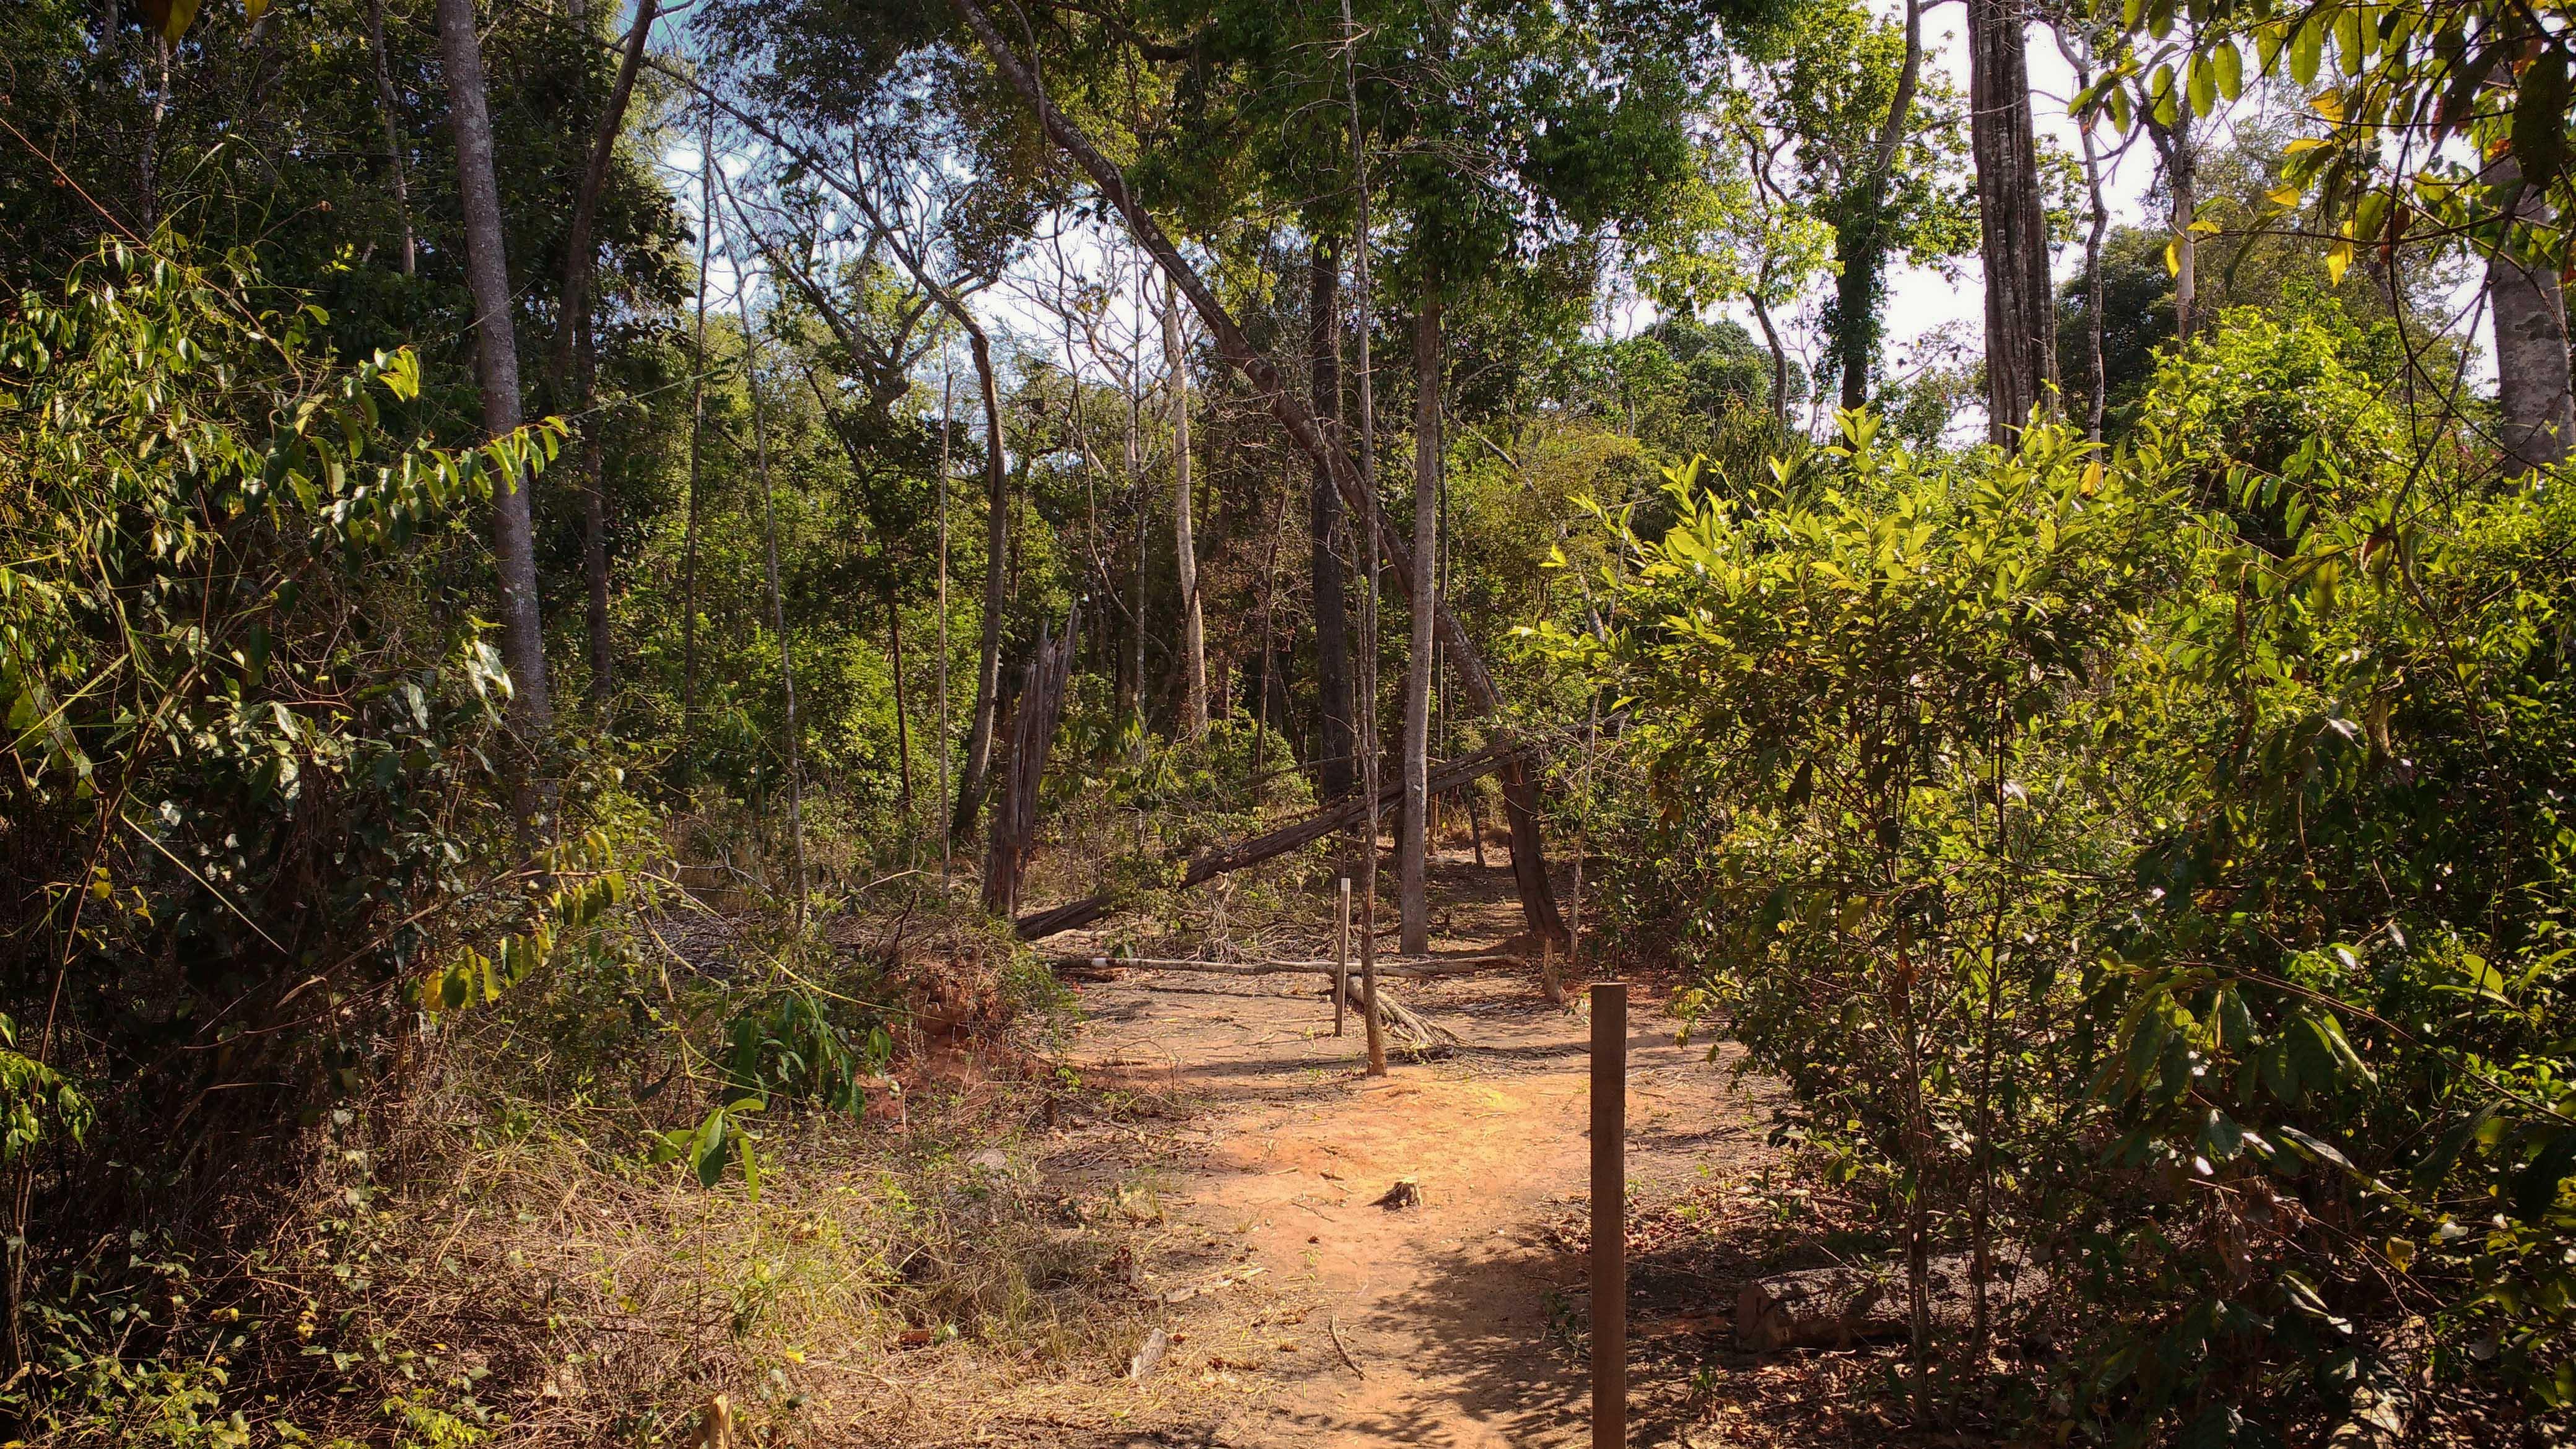 Degradação florestal (Foto: Fábio Pontes/Amazônia Real)